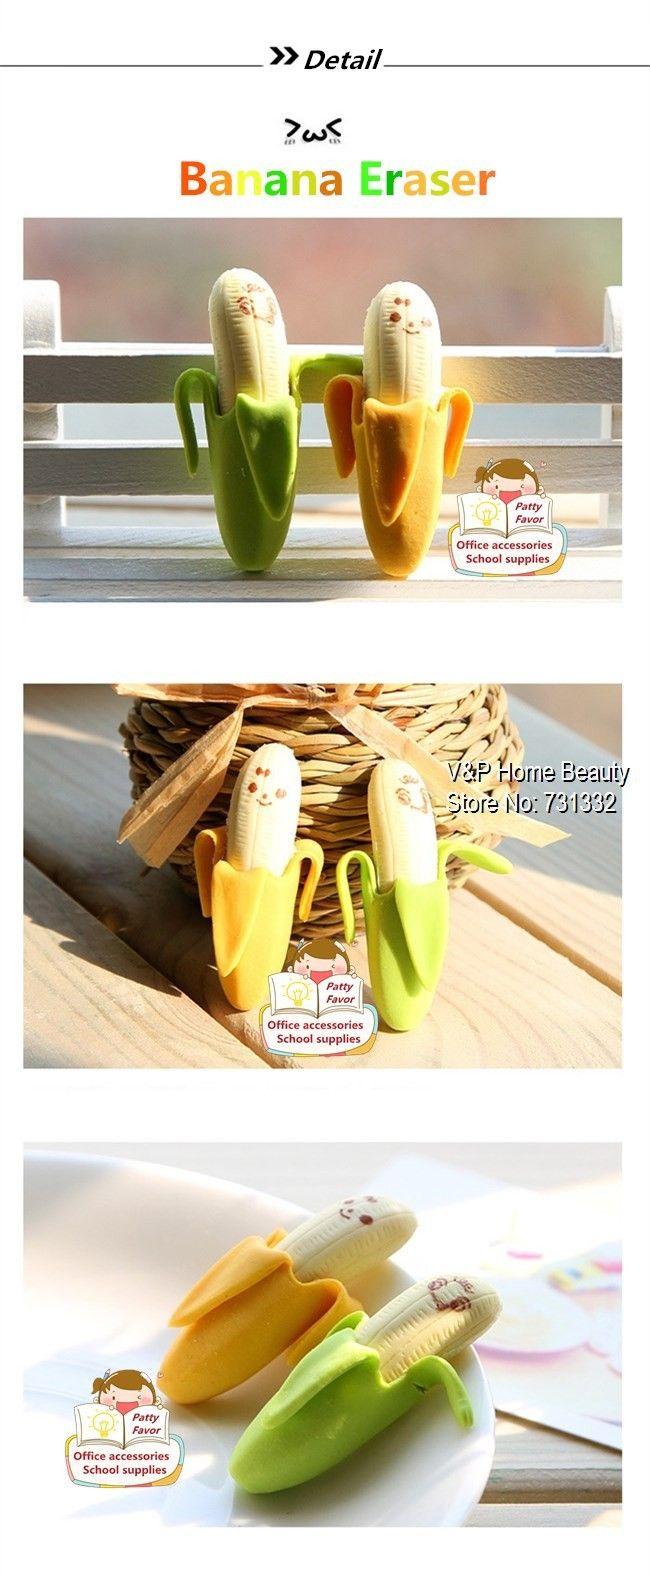 Ластик 10 шт./лот банан s резина для карандаша забавные милые ручка канцелярские новинка офисные принадлежности школьные принадлежности 6414купить в магазине V&P Home Beauty Co.,LtdнаAliExpress